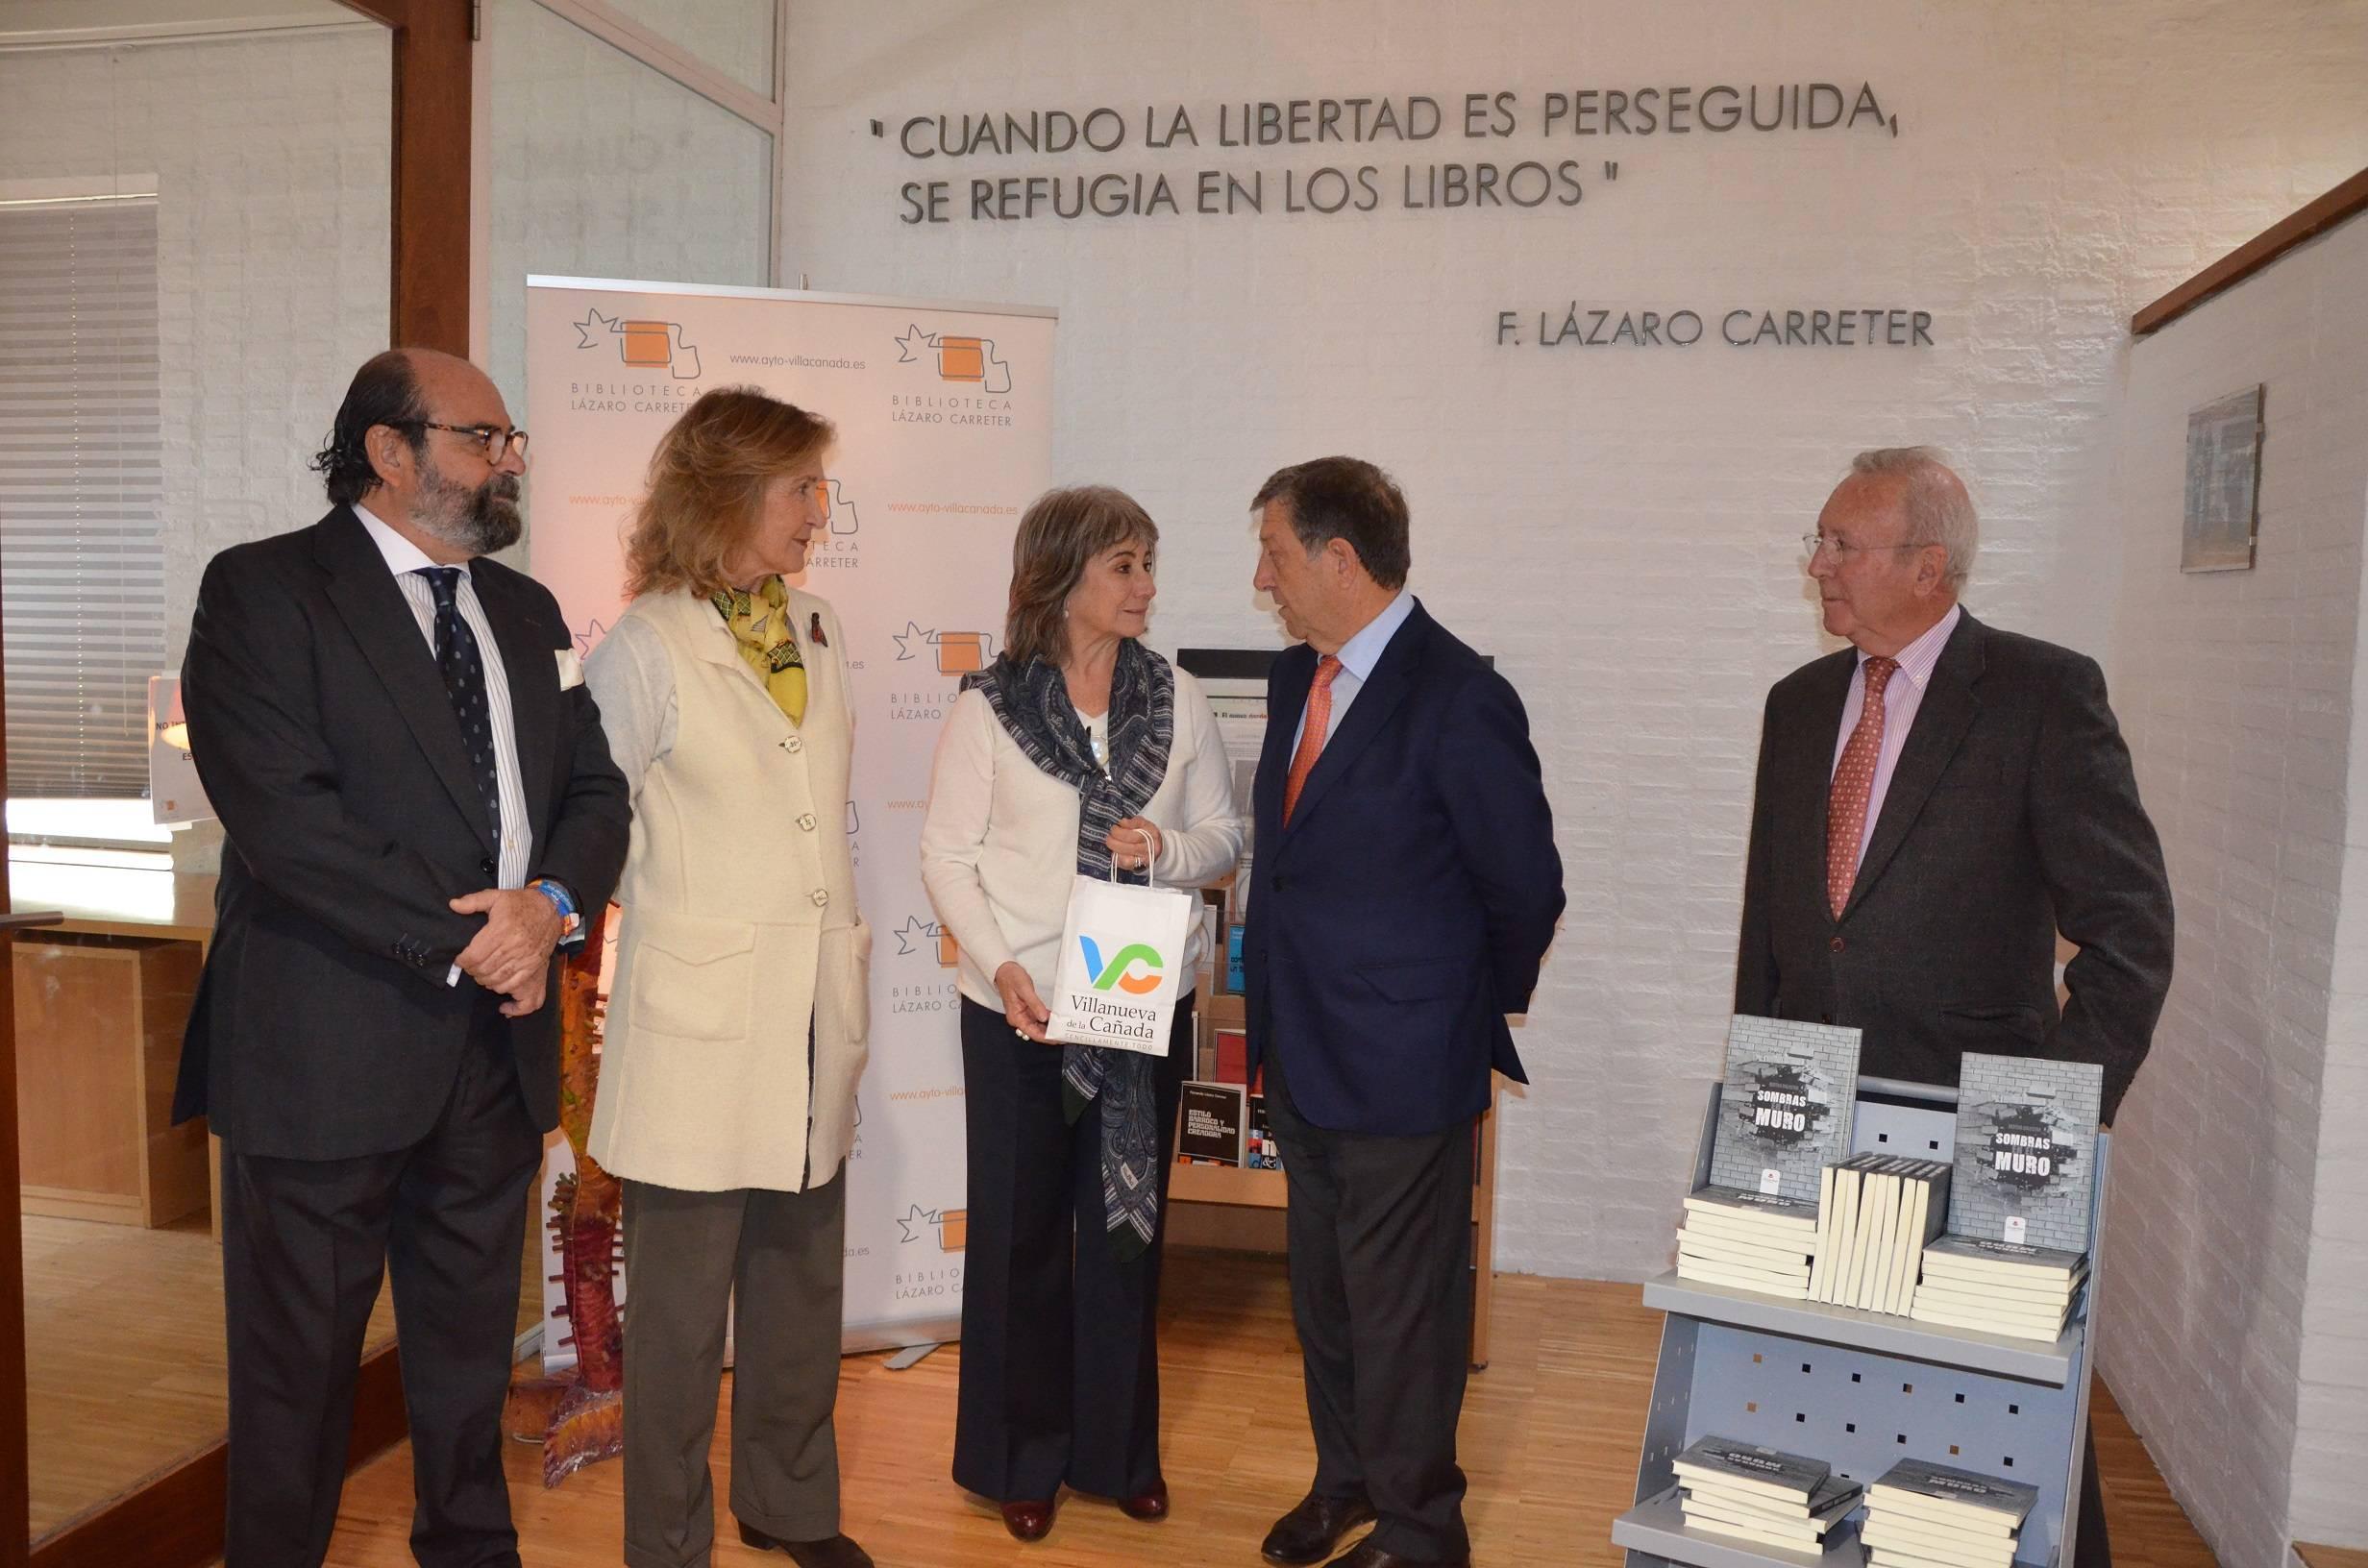 Alcalde y concejales junto a la escritora y la presidenta de la ACH.